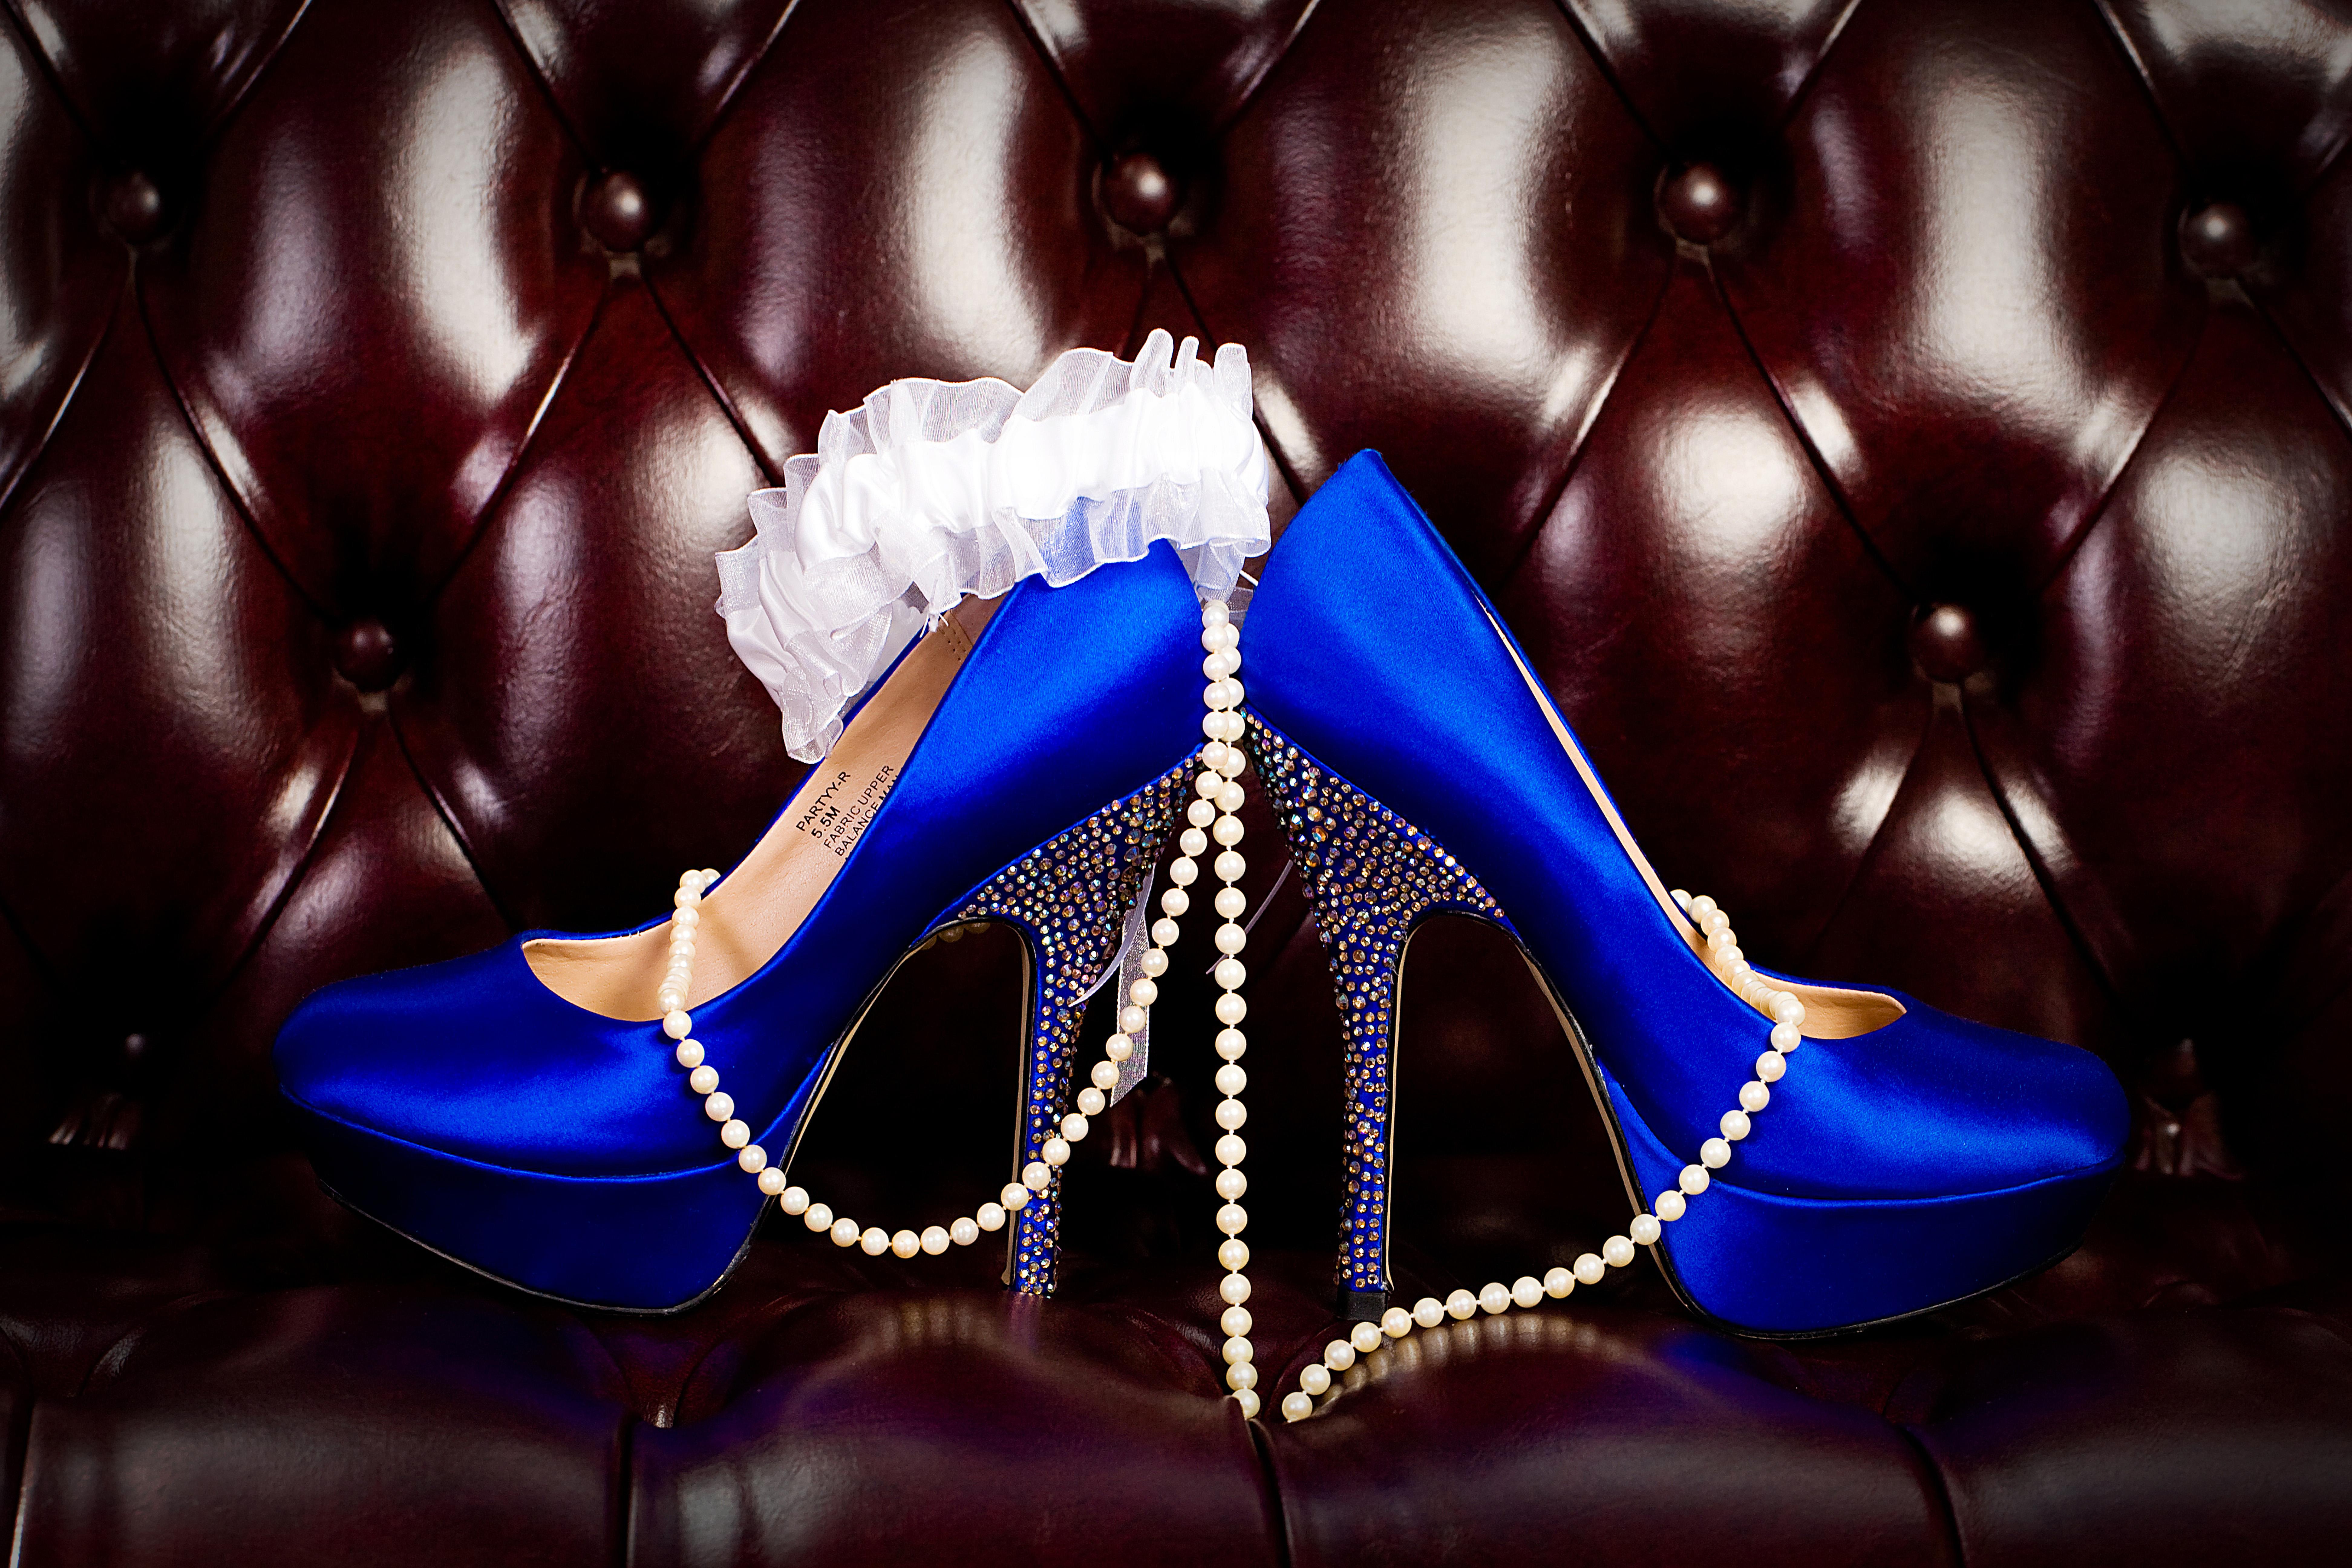 Туфли и розы  № 3398321 без смс